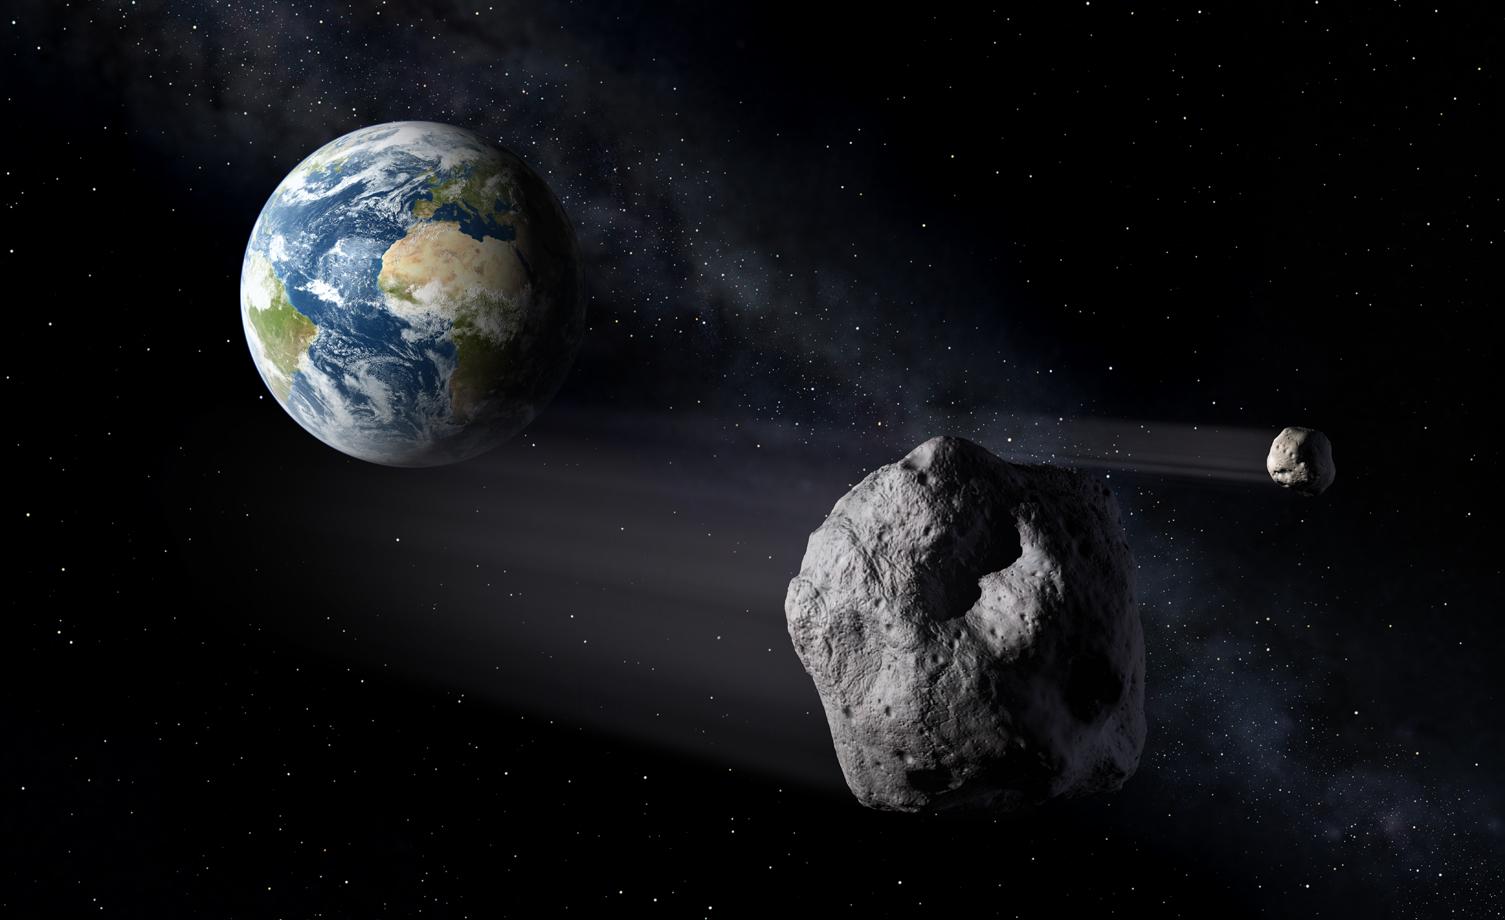 Credits: NASA